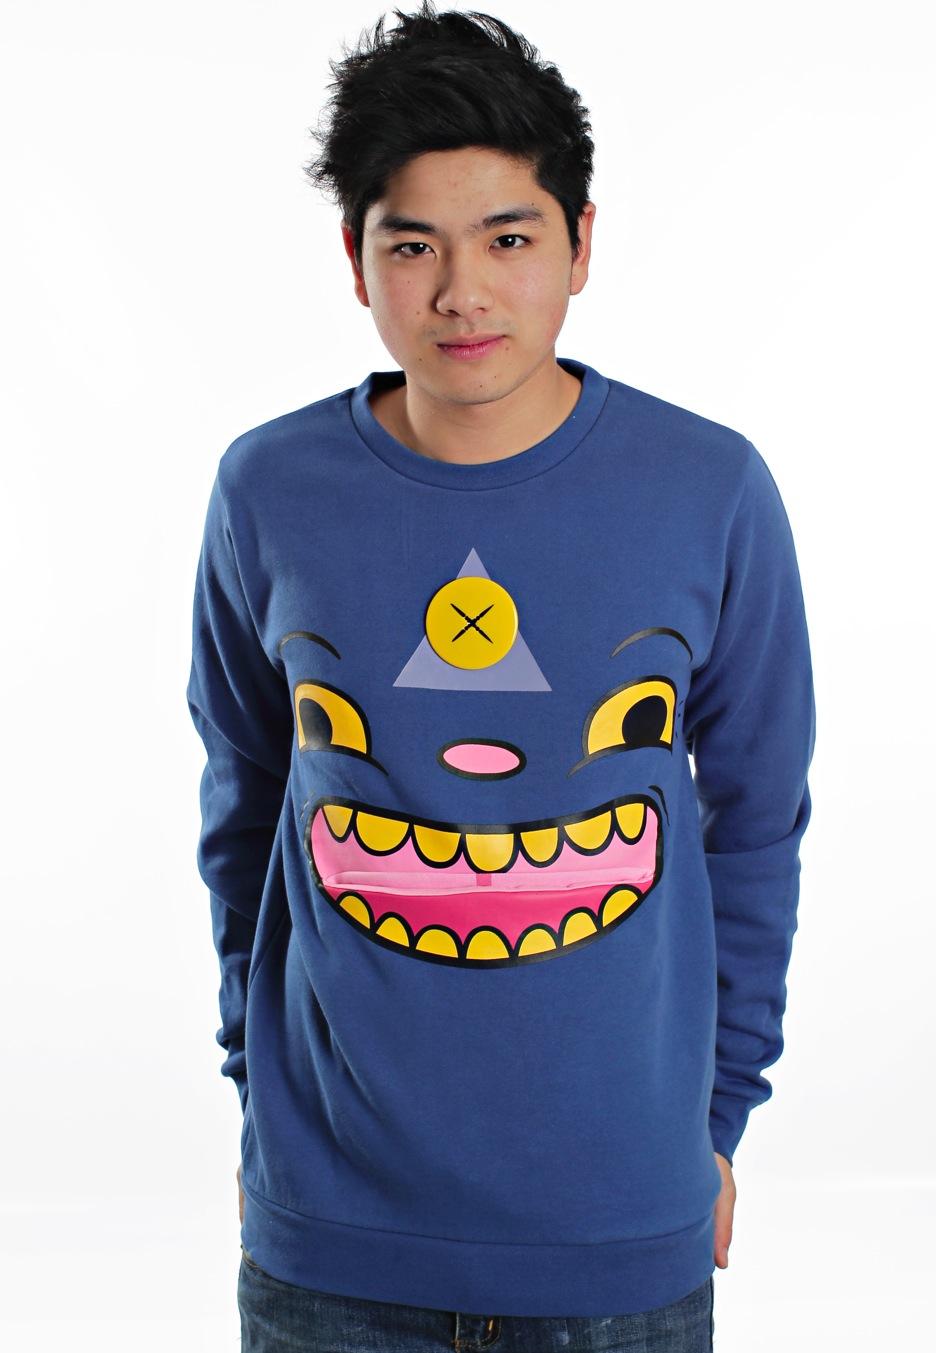 Drop Dead - Tripster Blue - Sweater - Streetwear Online Shop - Impericon.com Worldwide